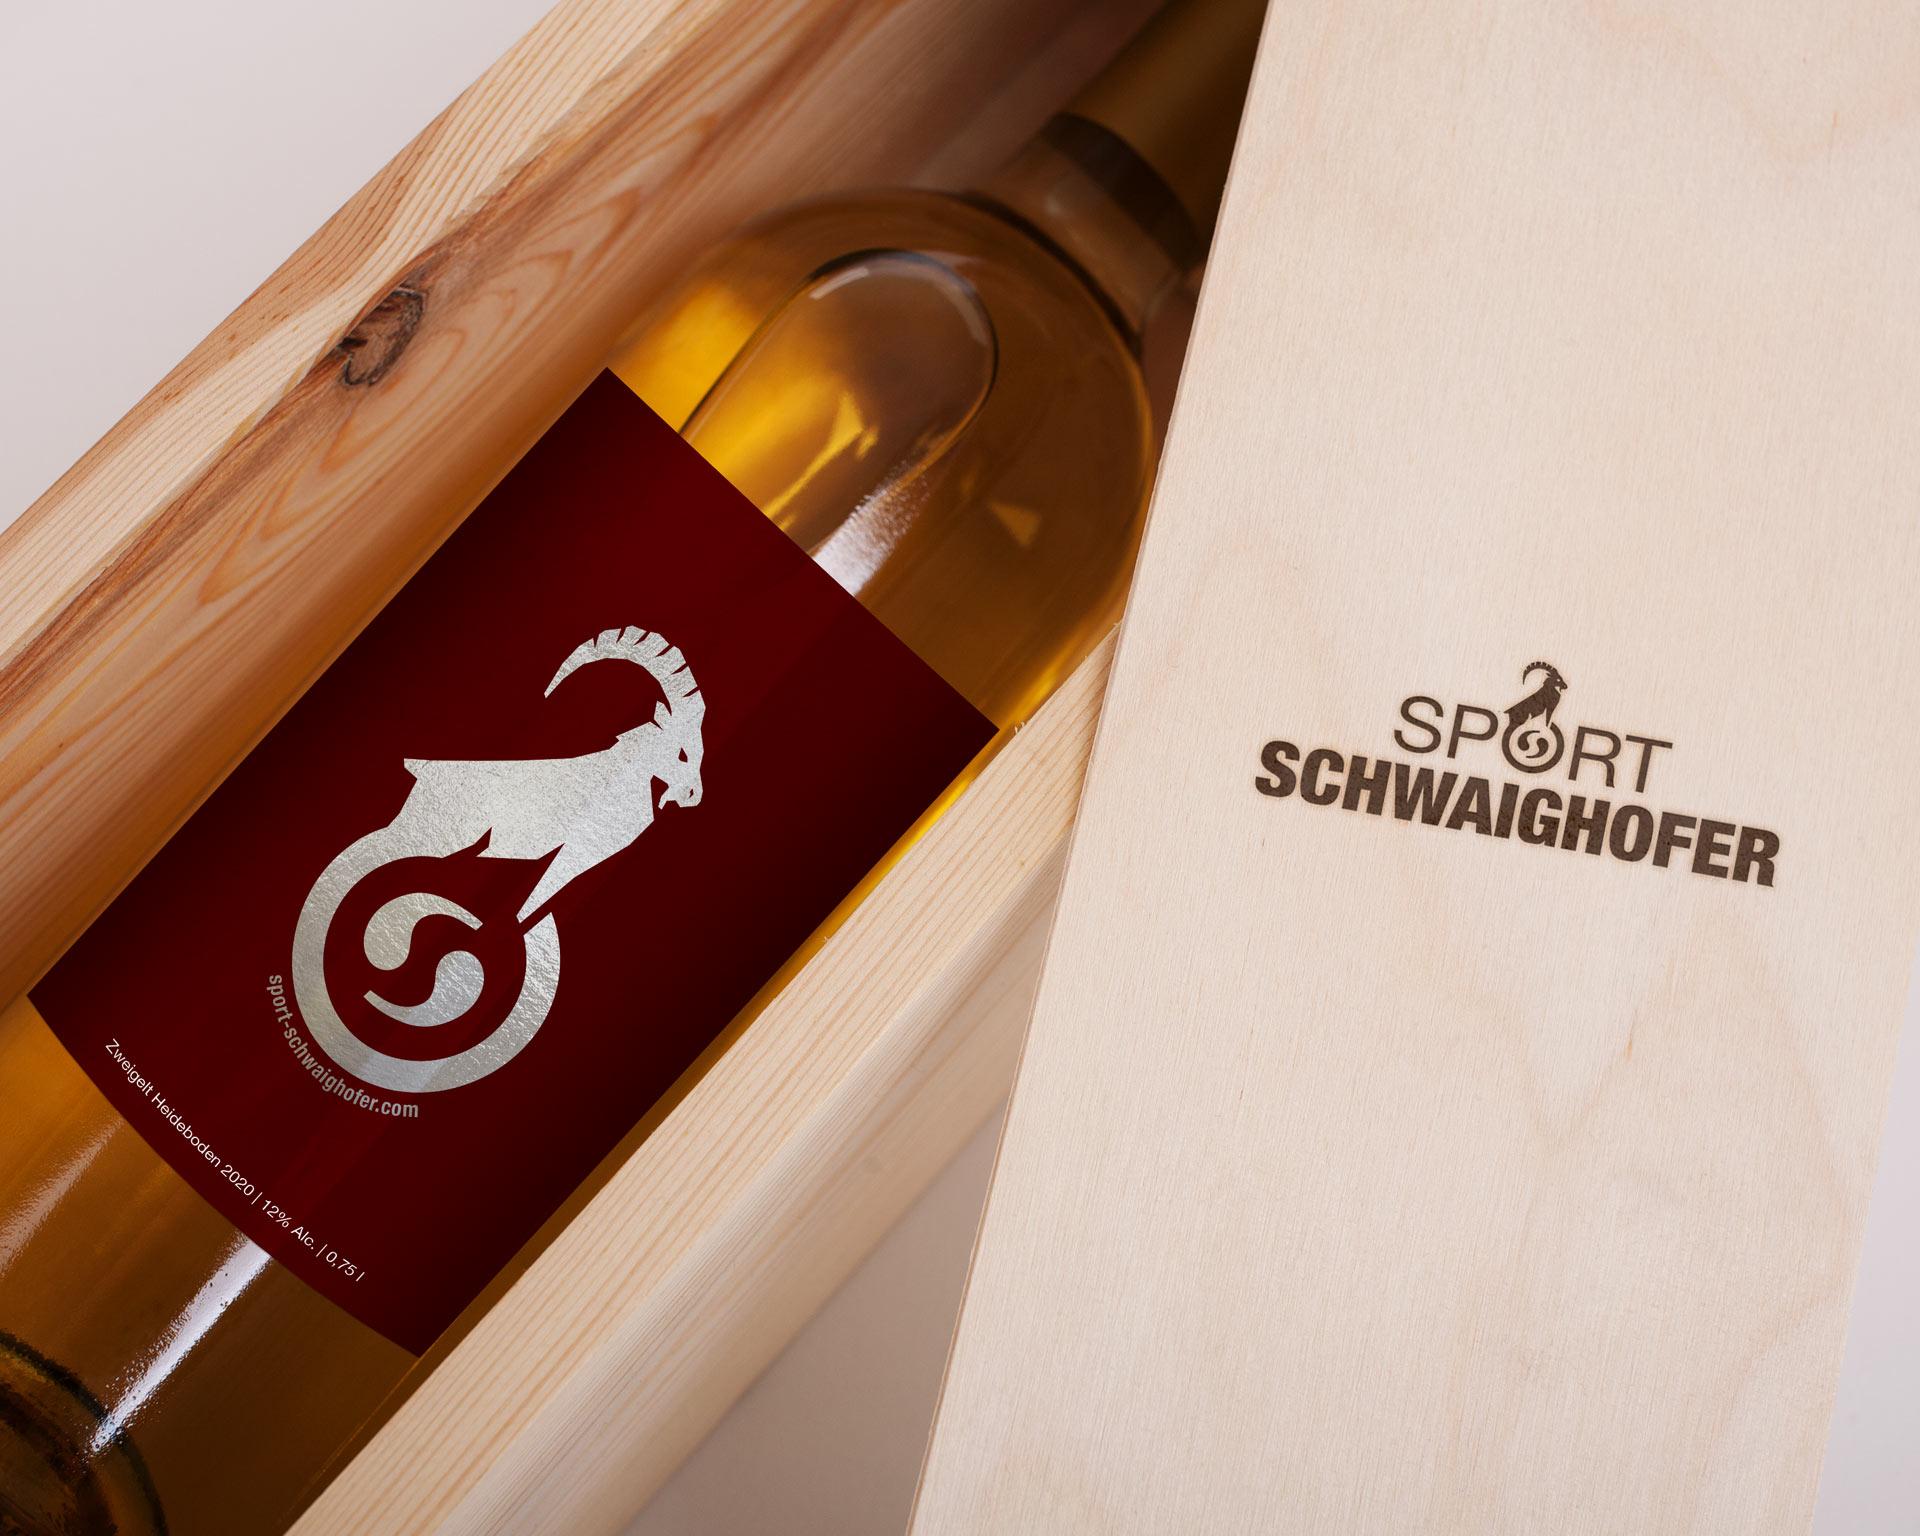 Werbeagentur - agentur 13 Tirol, Sport Schwaighofer, Grafikdesign